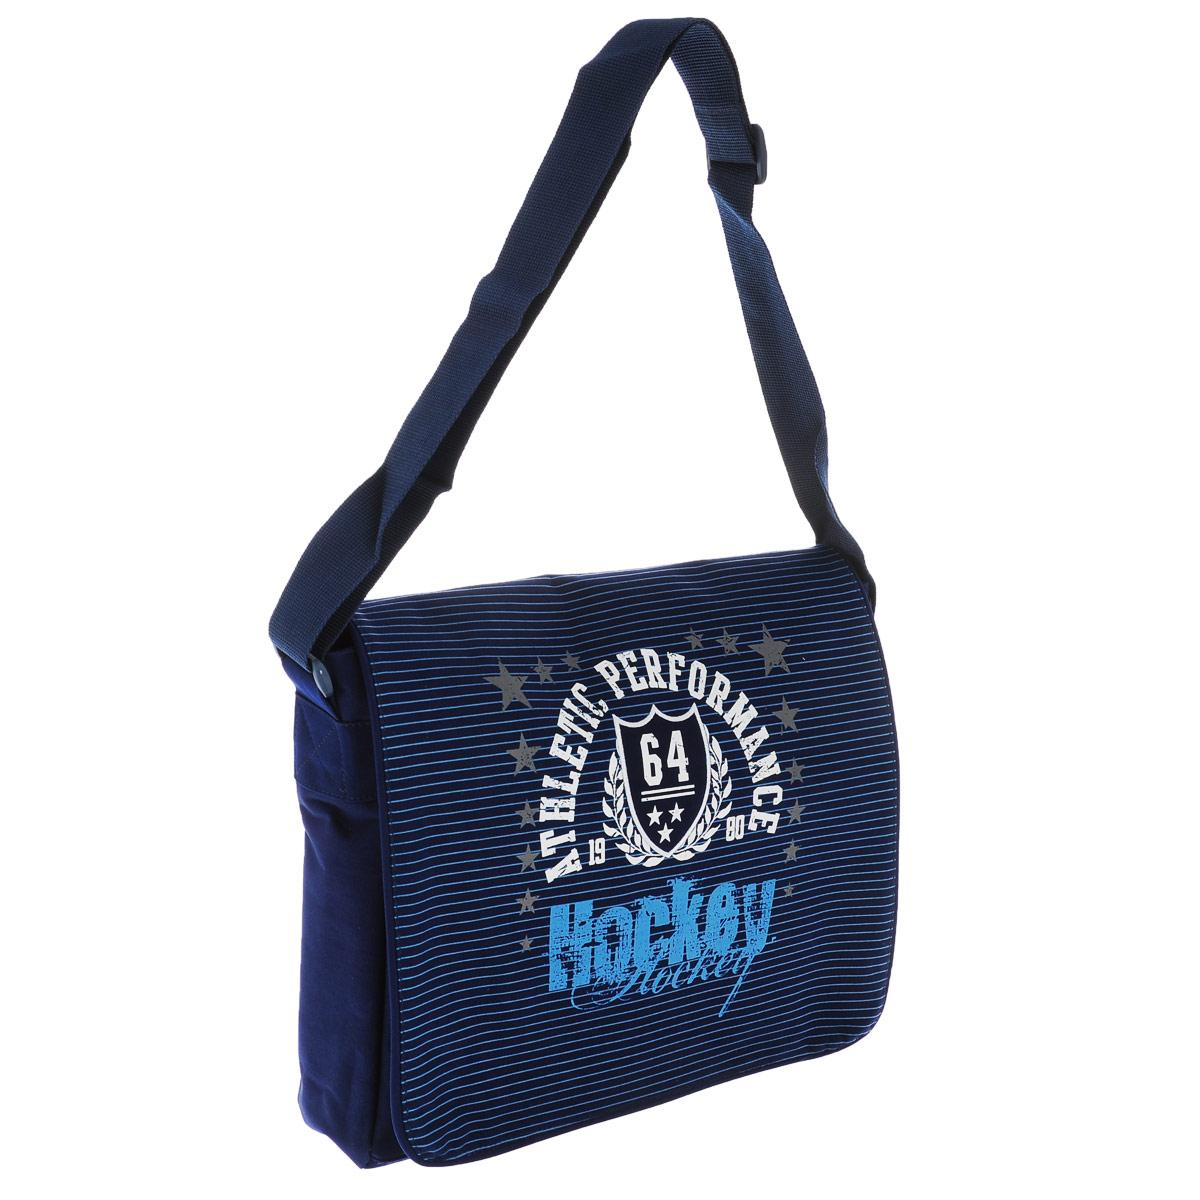 Практичная сумка Спорт от Proff - наплечная подростковая, конструктивно грамотно оборудована, с отстегивающимся двусторонним клапаном.